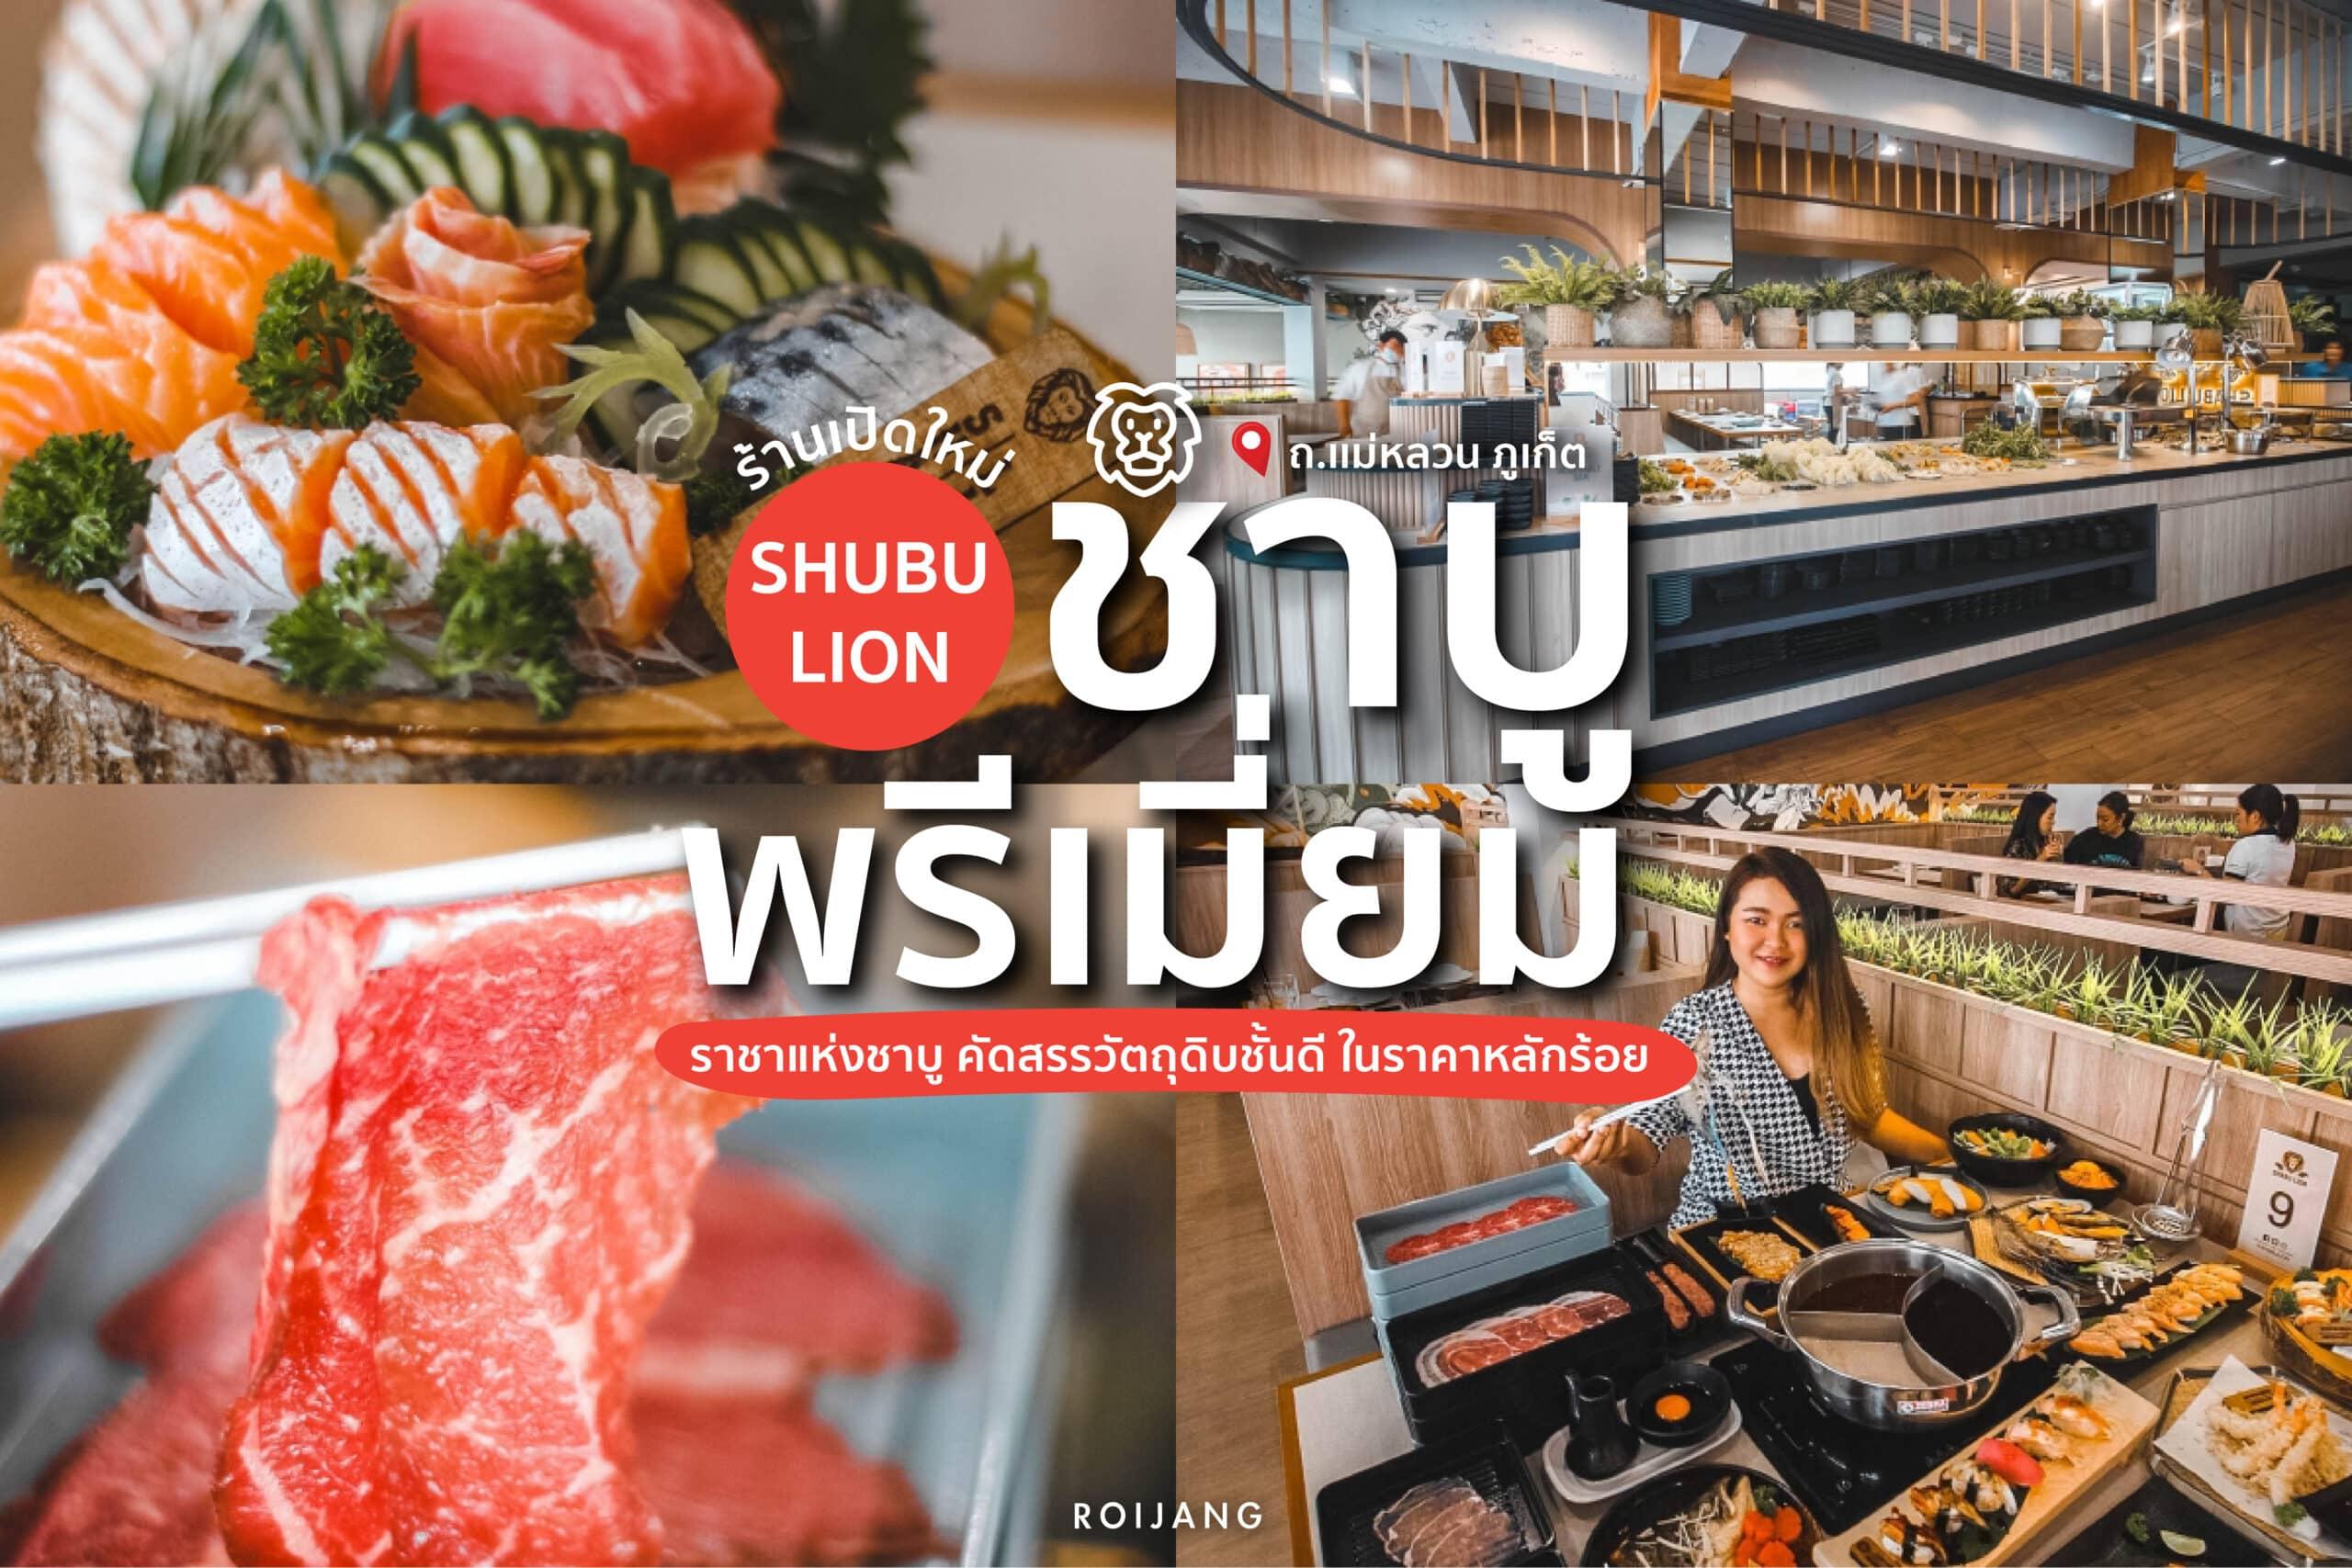 Shabu Lion Premium shabu and japanese buffet Phuket